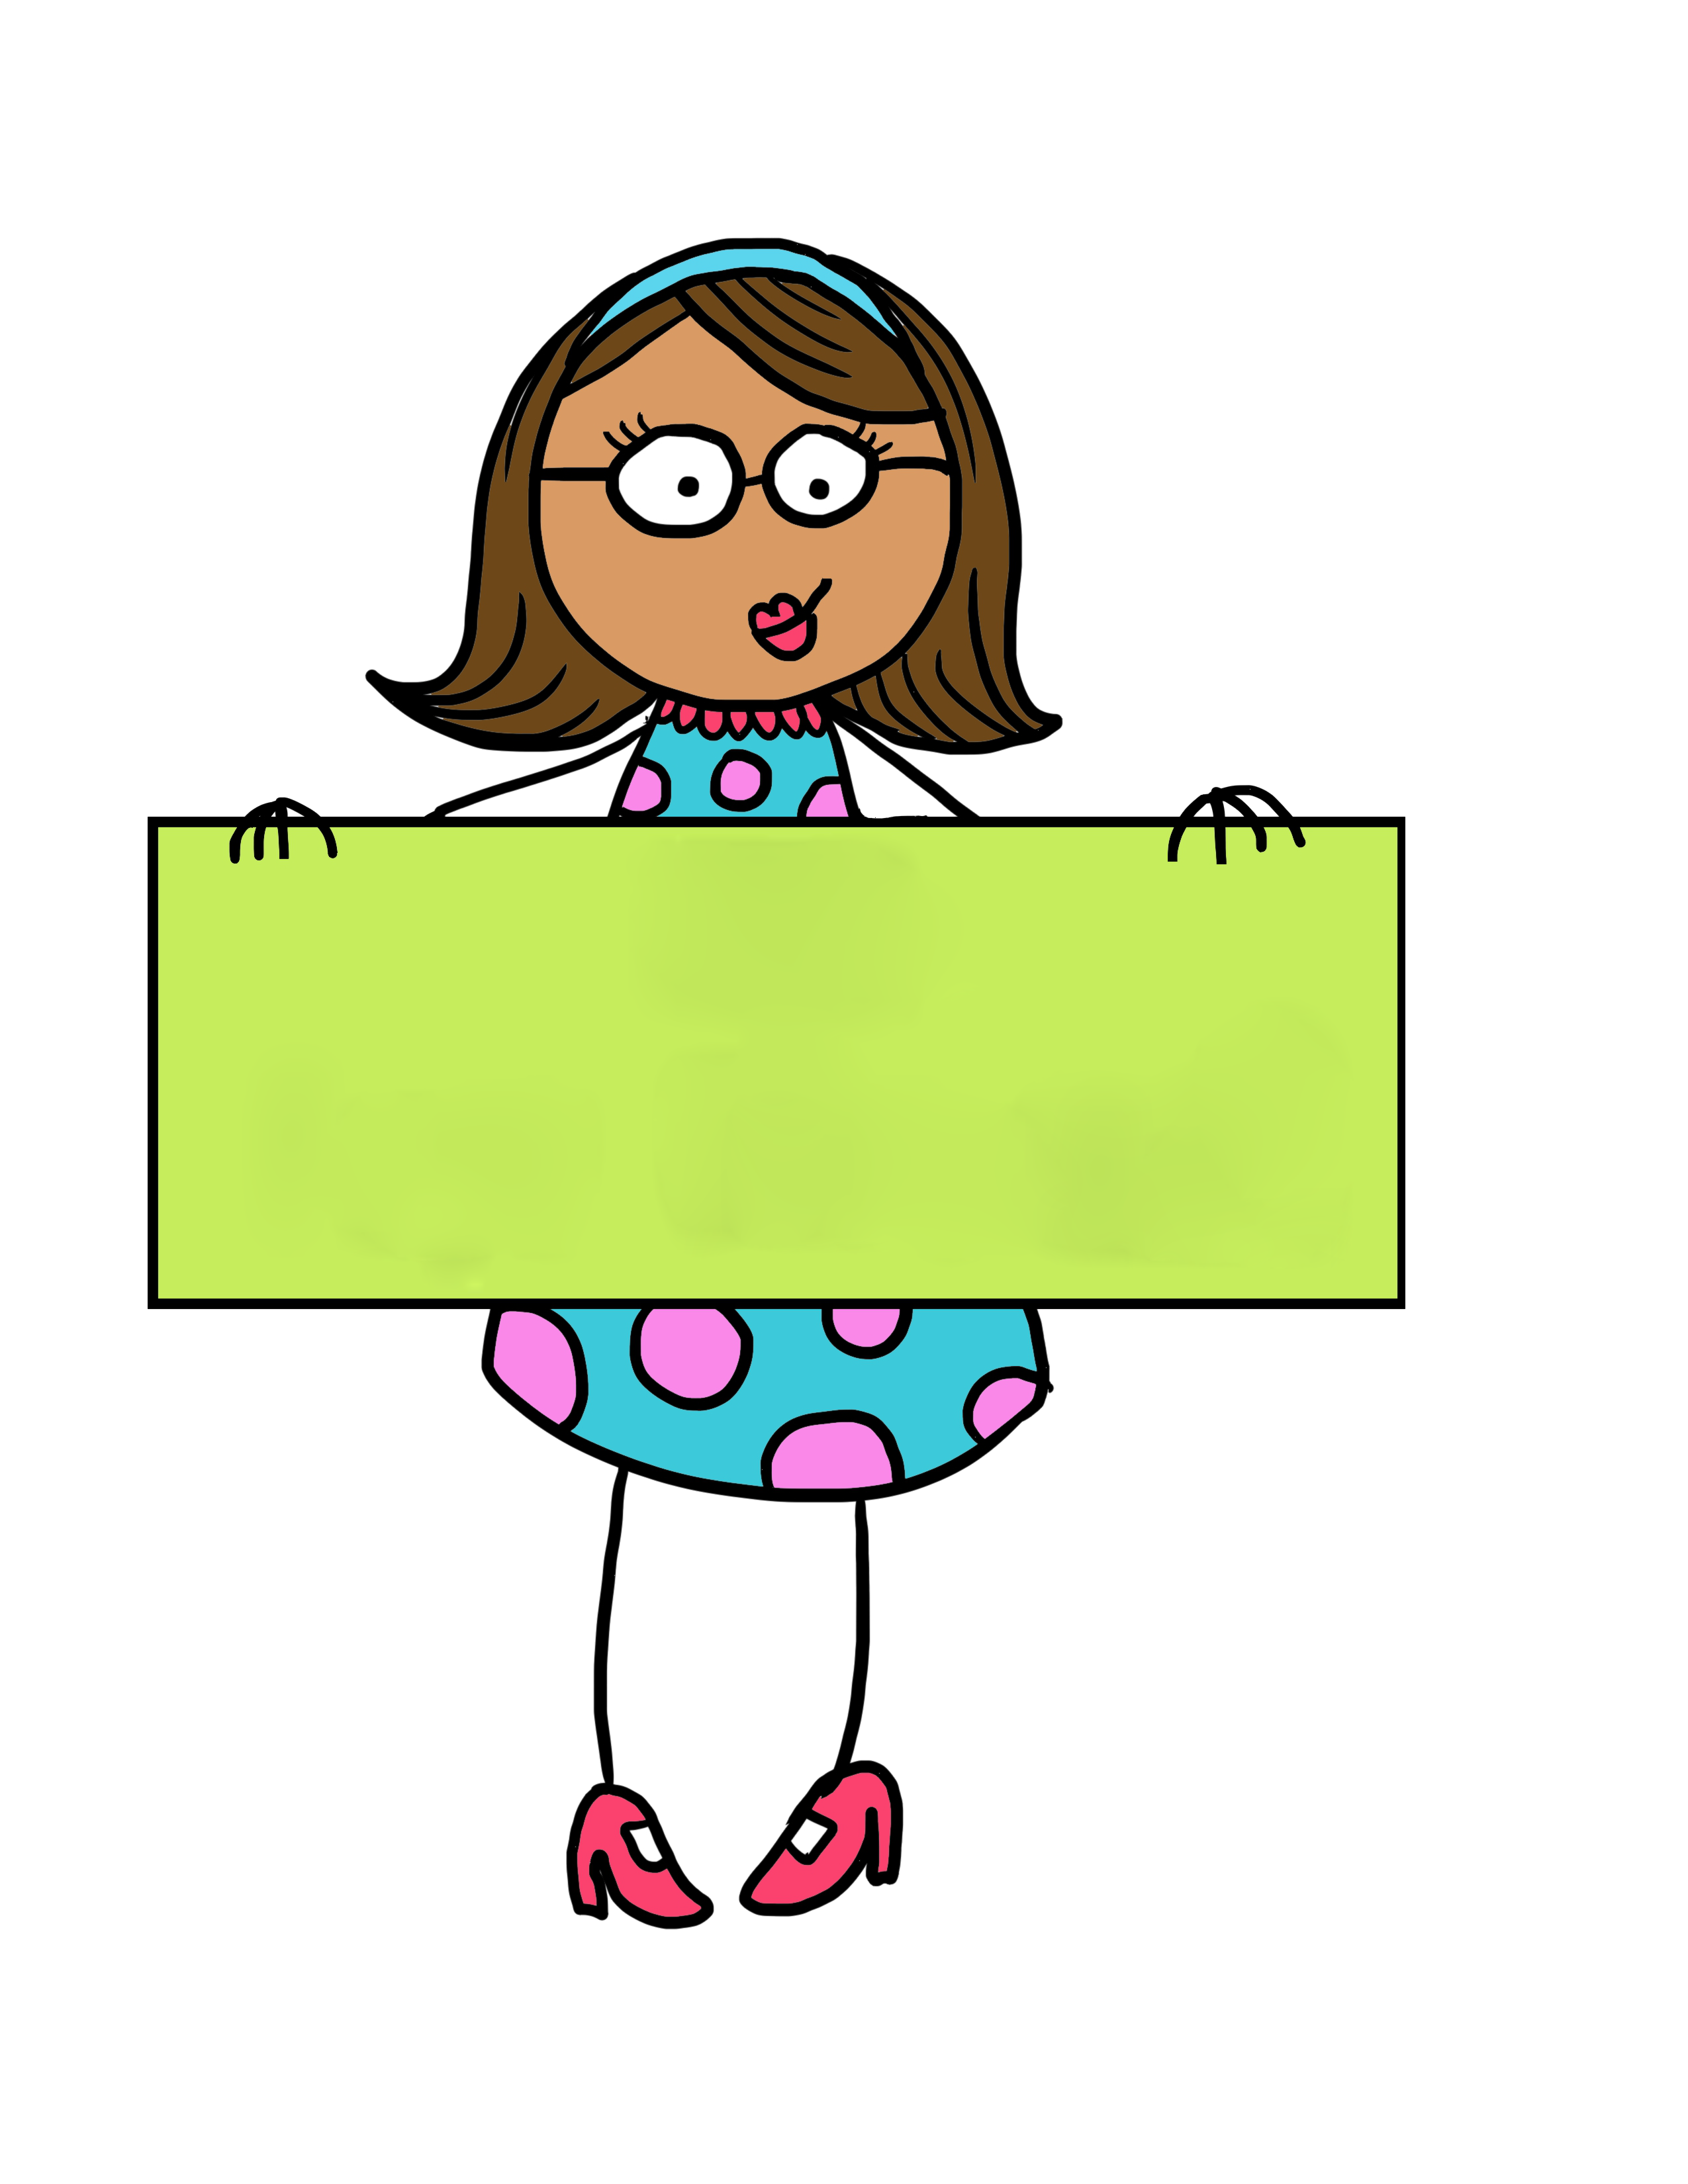 ALL KINDS OF MIXED CHILDREN | Children holding hands, Cartoon ...